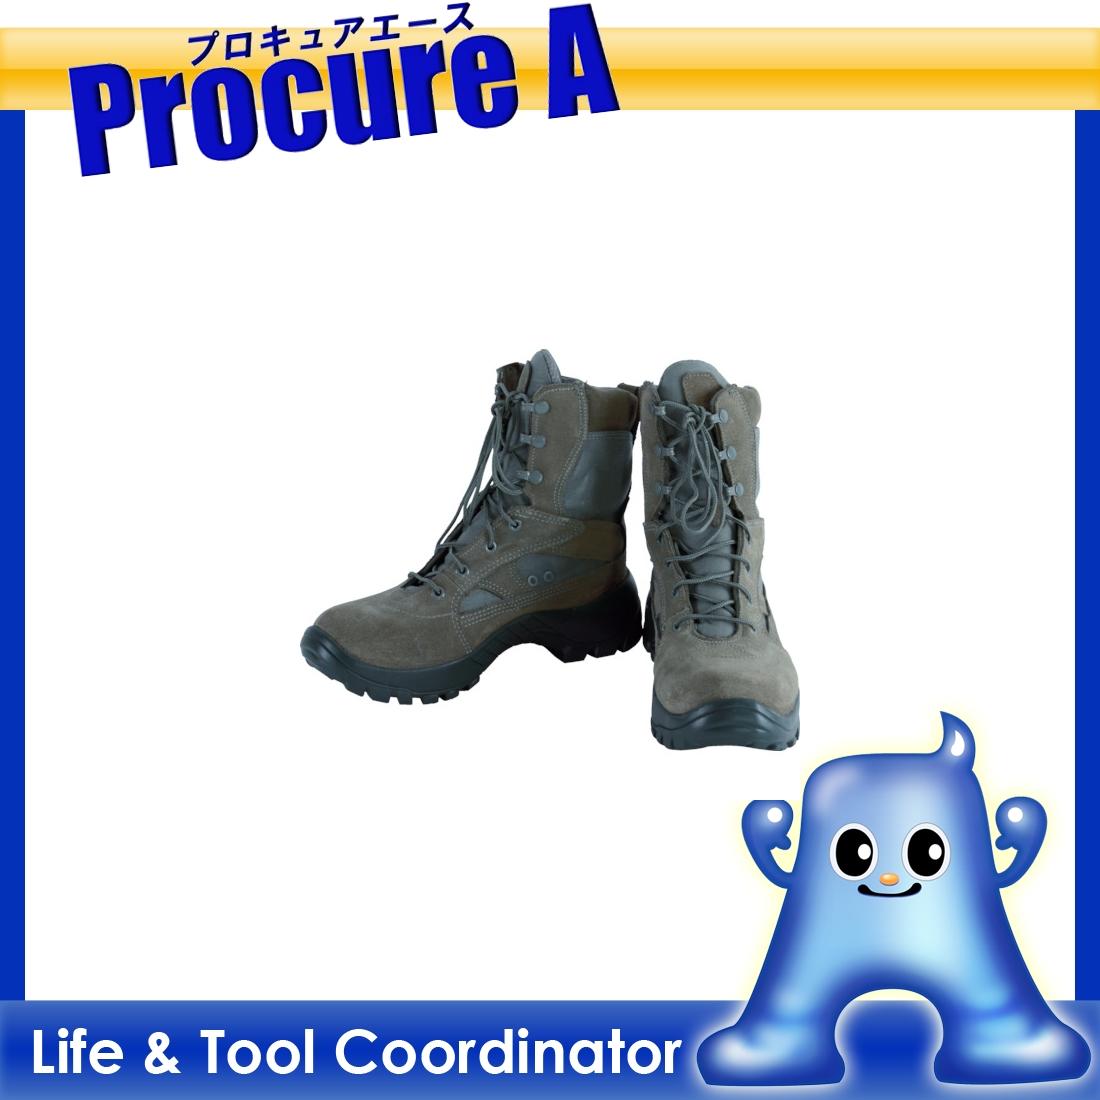 【新品】 WOLVERINE社 ▼491-2811 E01802EW10 Bates DELTA−8 サルビア EW10  :プロキュアエース-DIY・工具